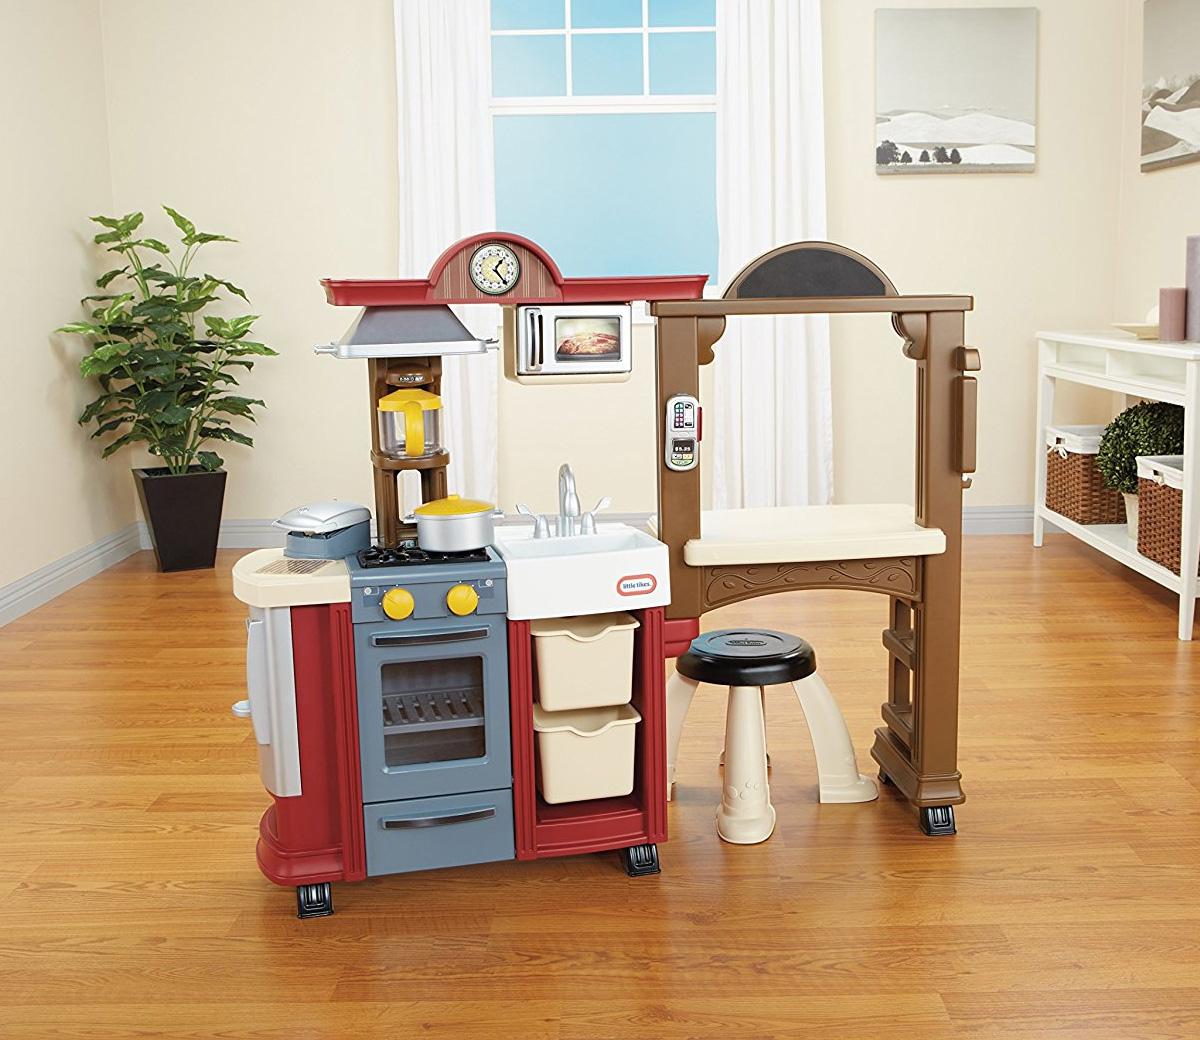 Tikes Kitchen Amp Restaurant Red